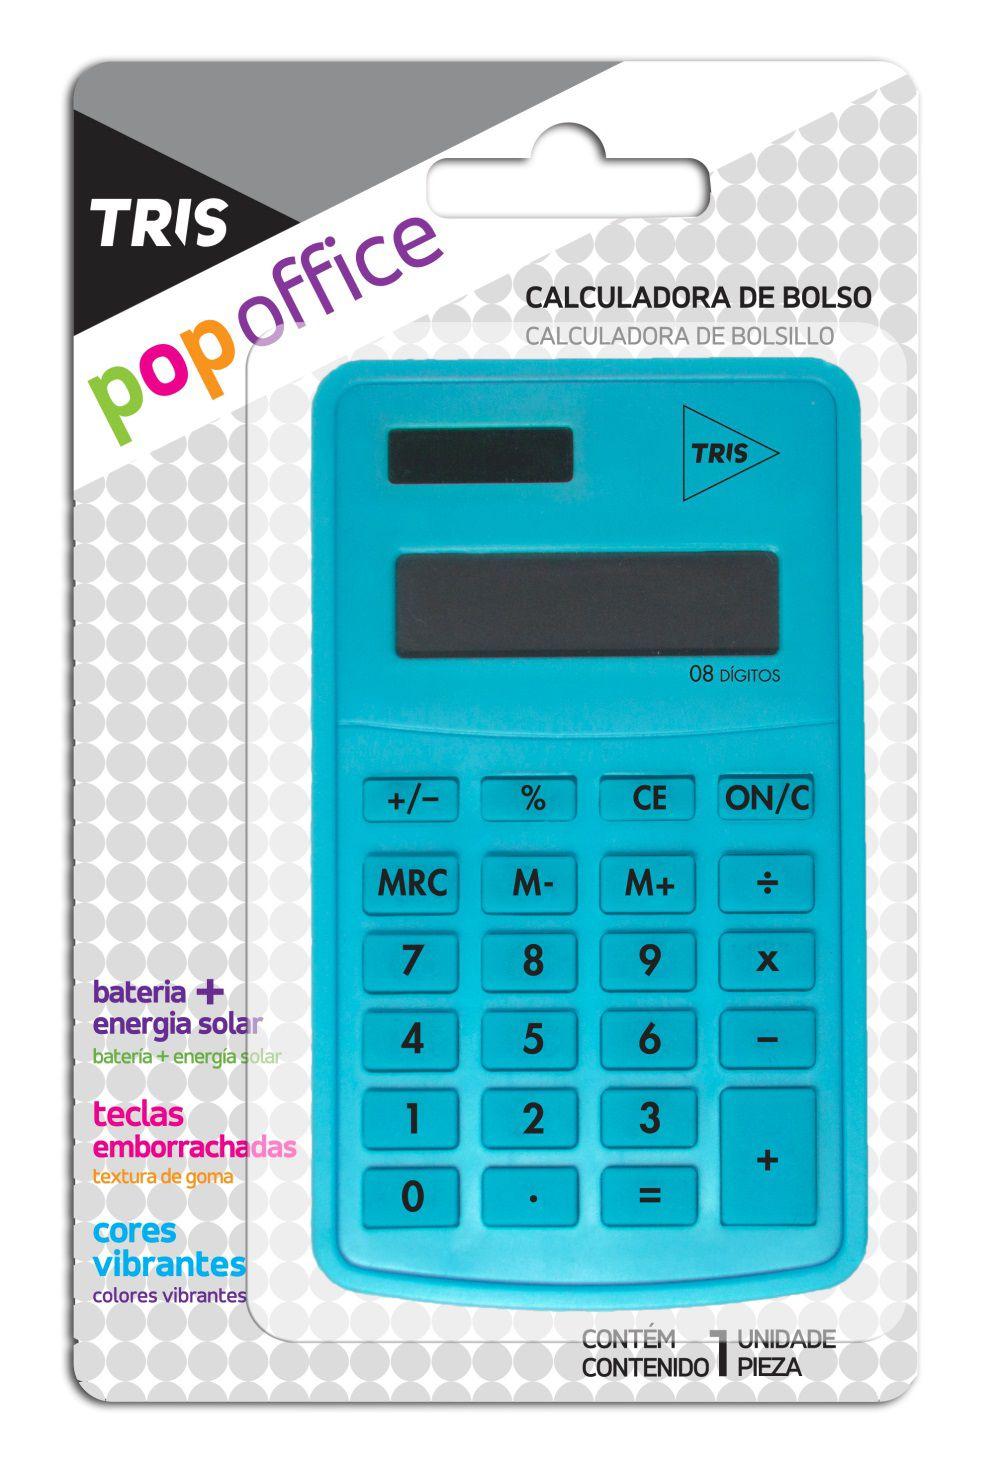 Calculadora De Bolso Pop Office Tris